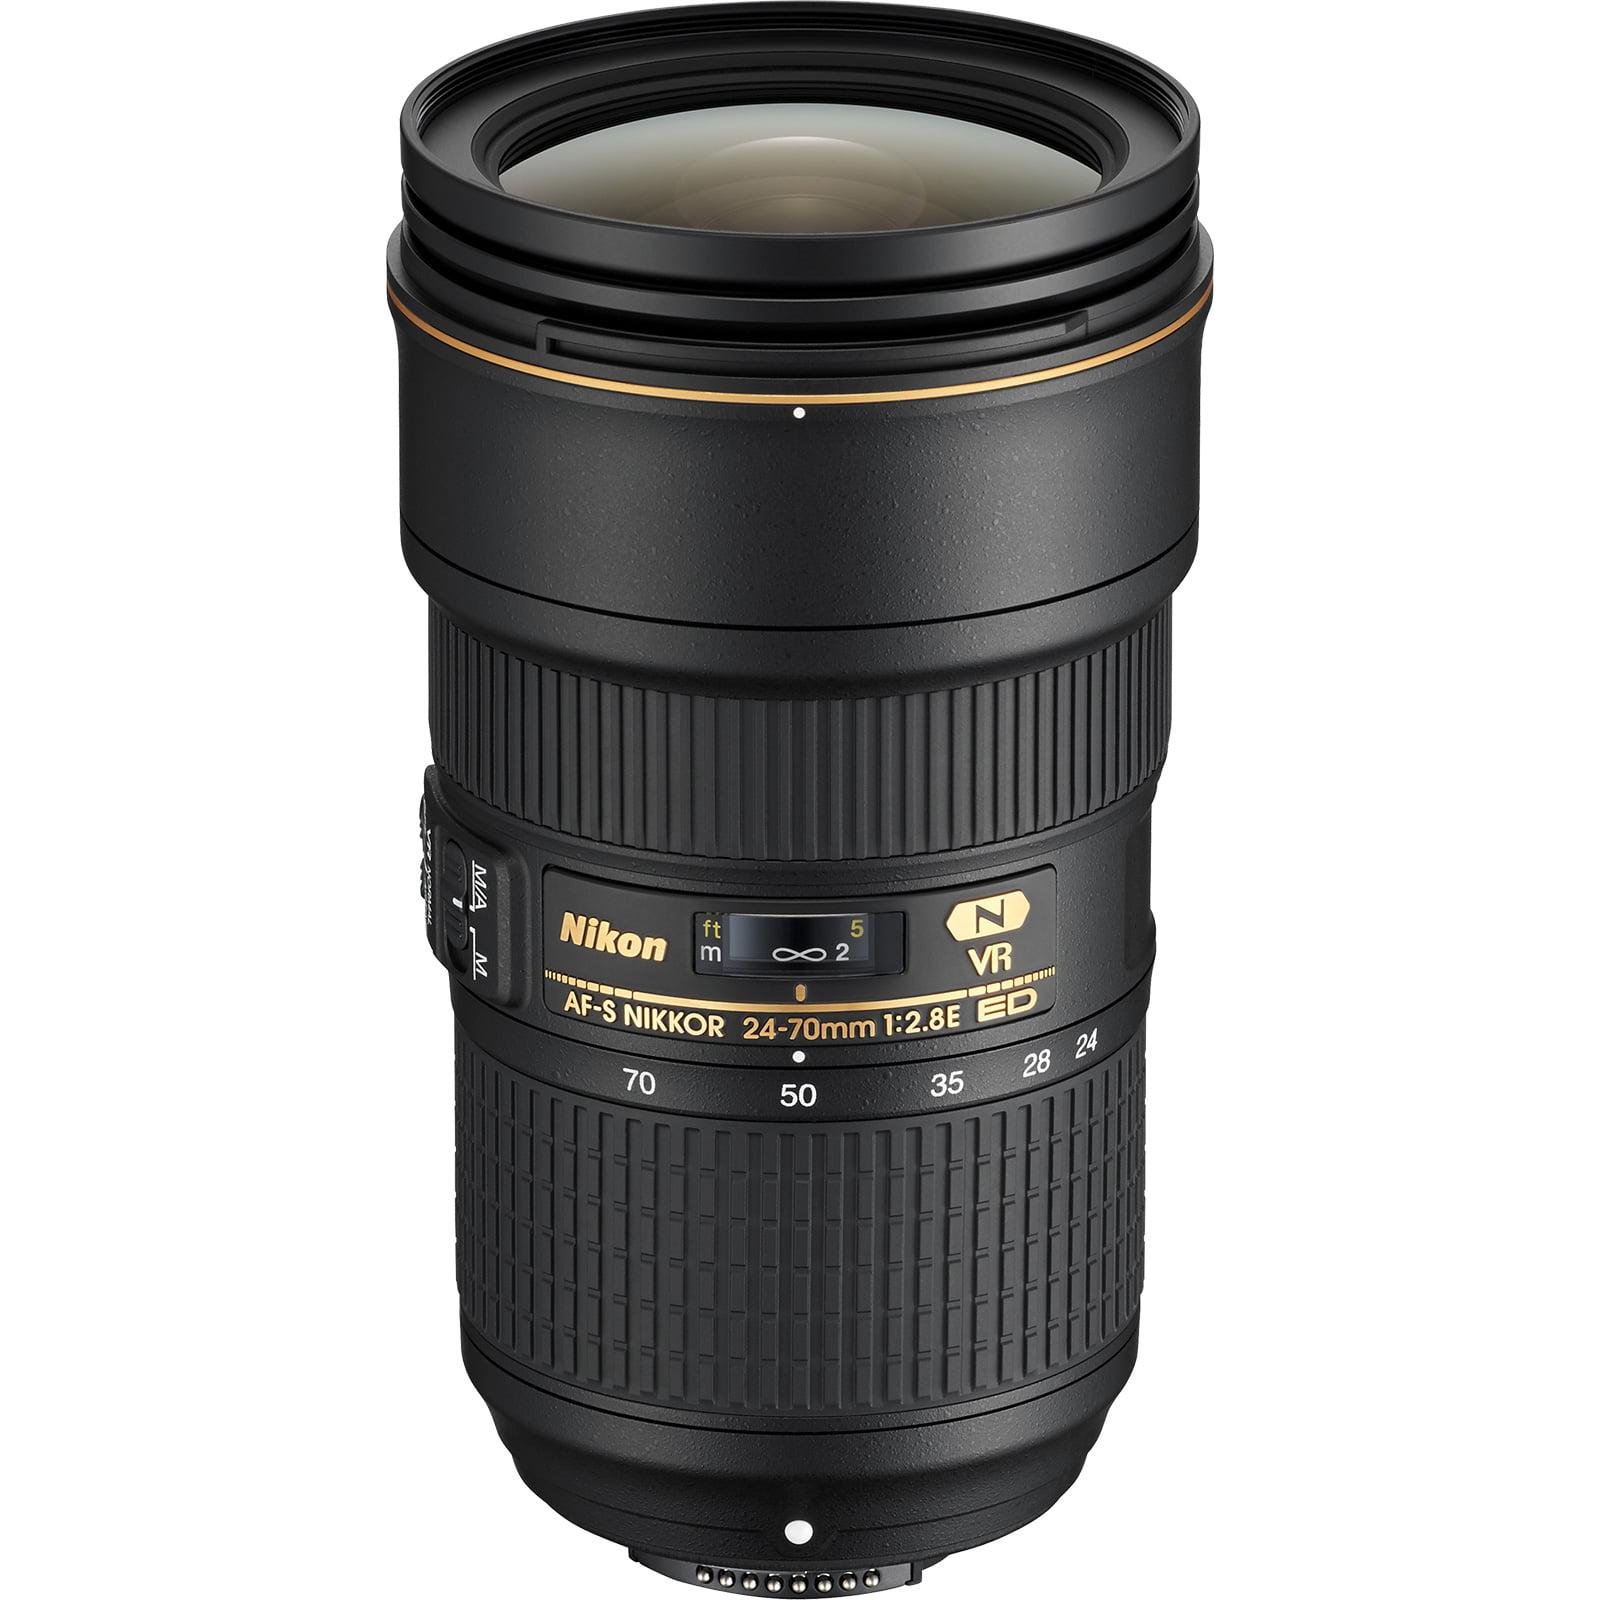 Nikon 24-70mm f/2.8E VR AF-S ED Nikkor Zoom Lens